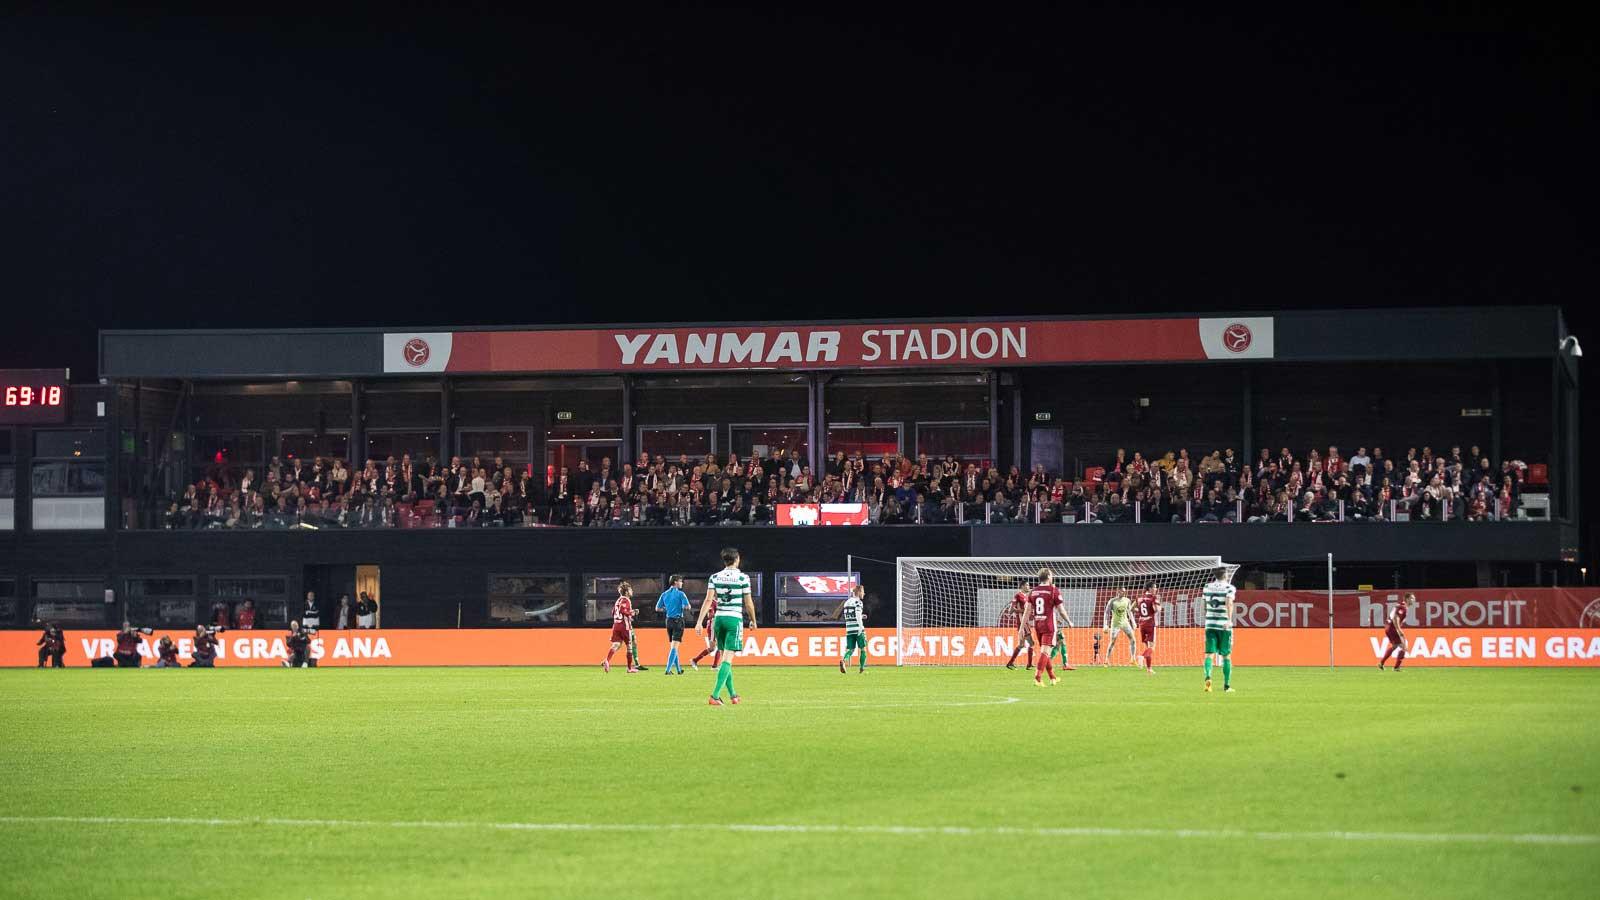 Image result for yanmar stadion